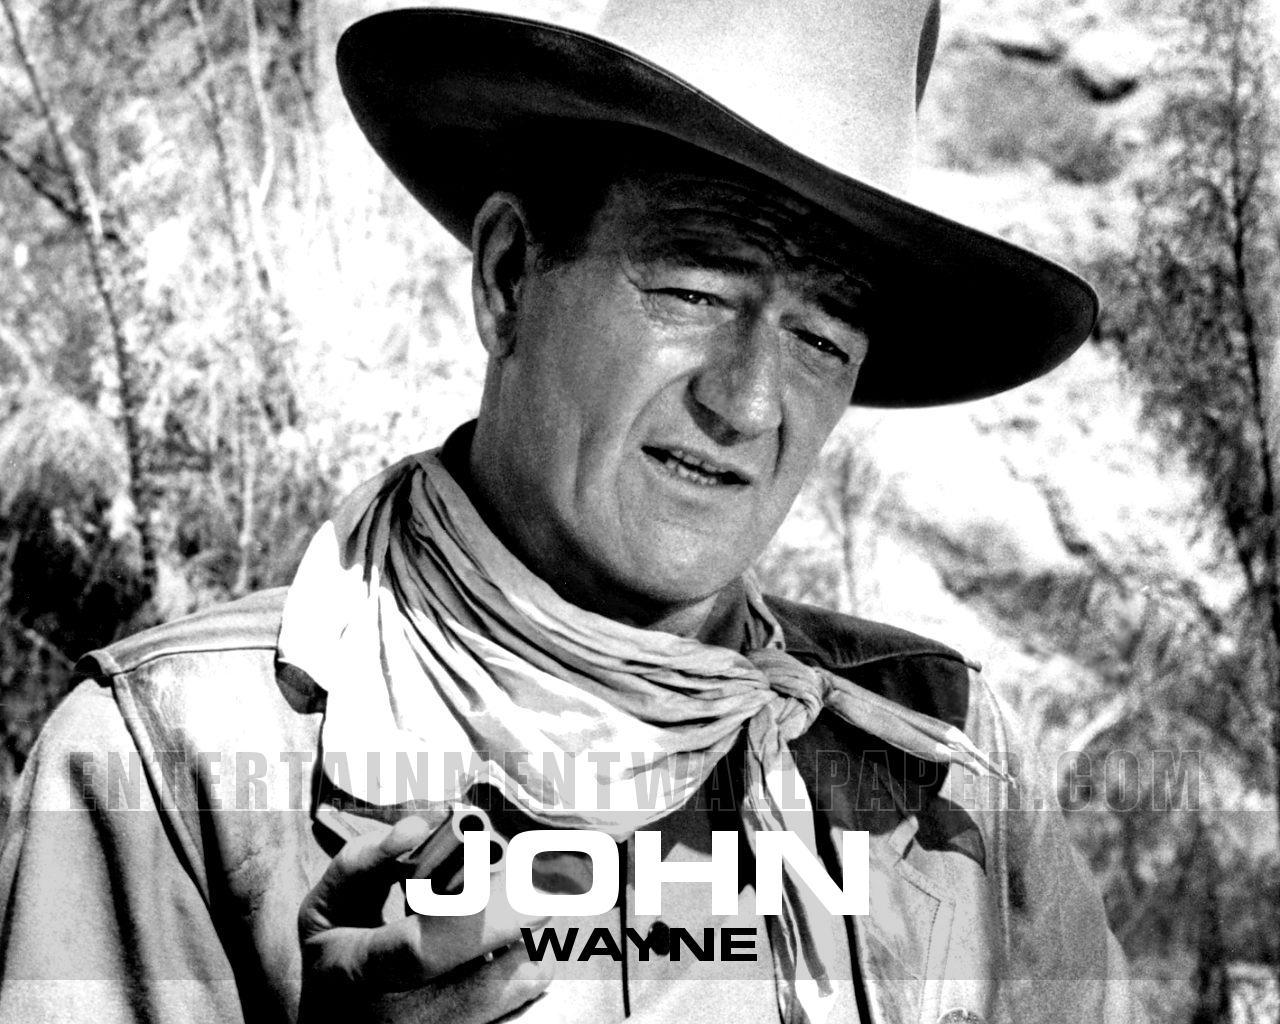 John Wayne Wallpaper 1280x1024 63240